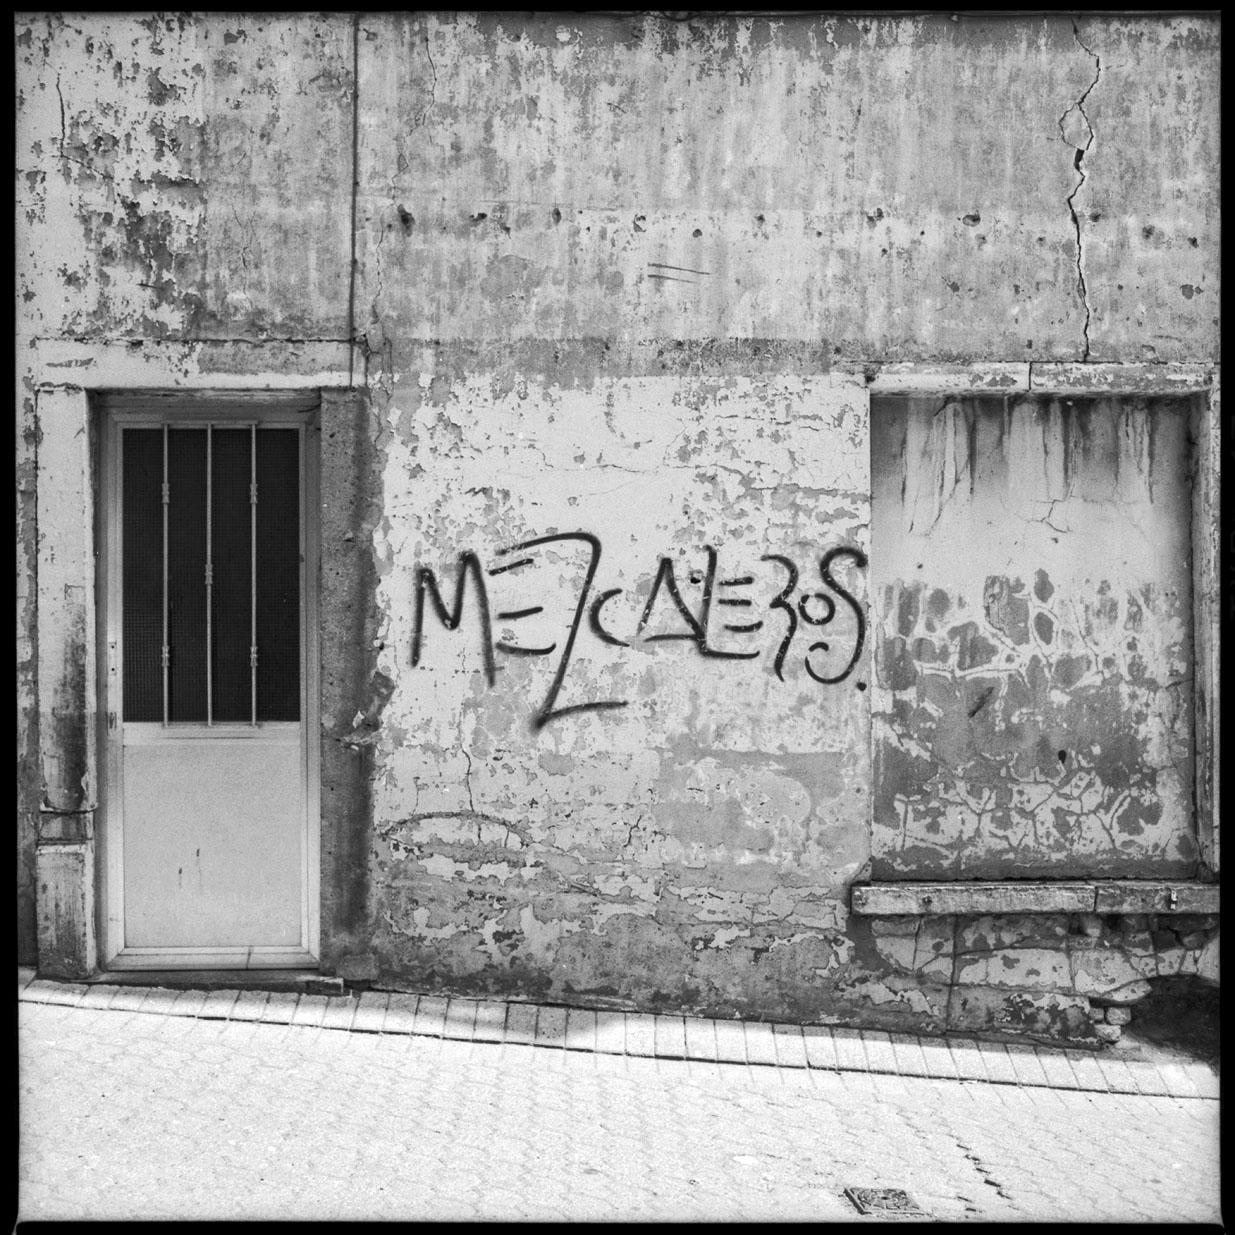 MEZCALEROS